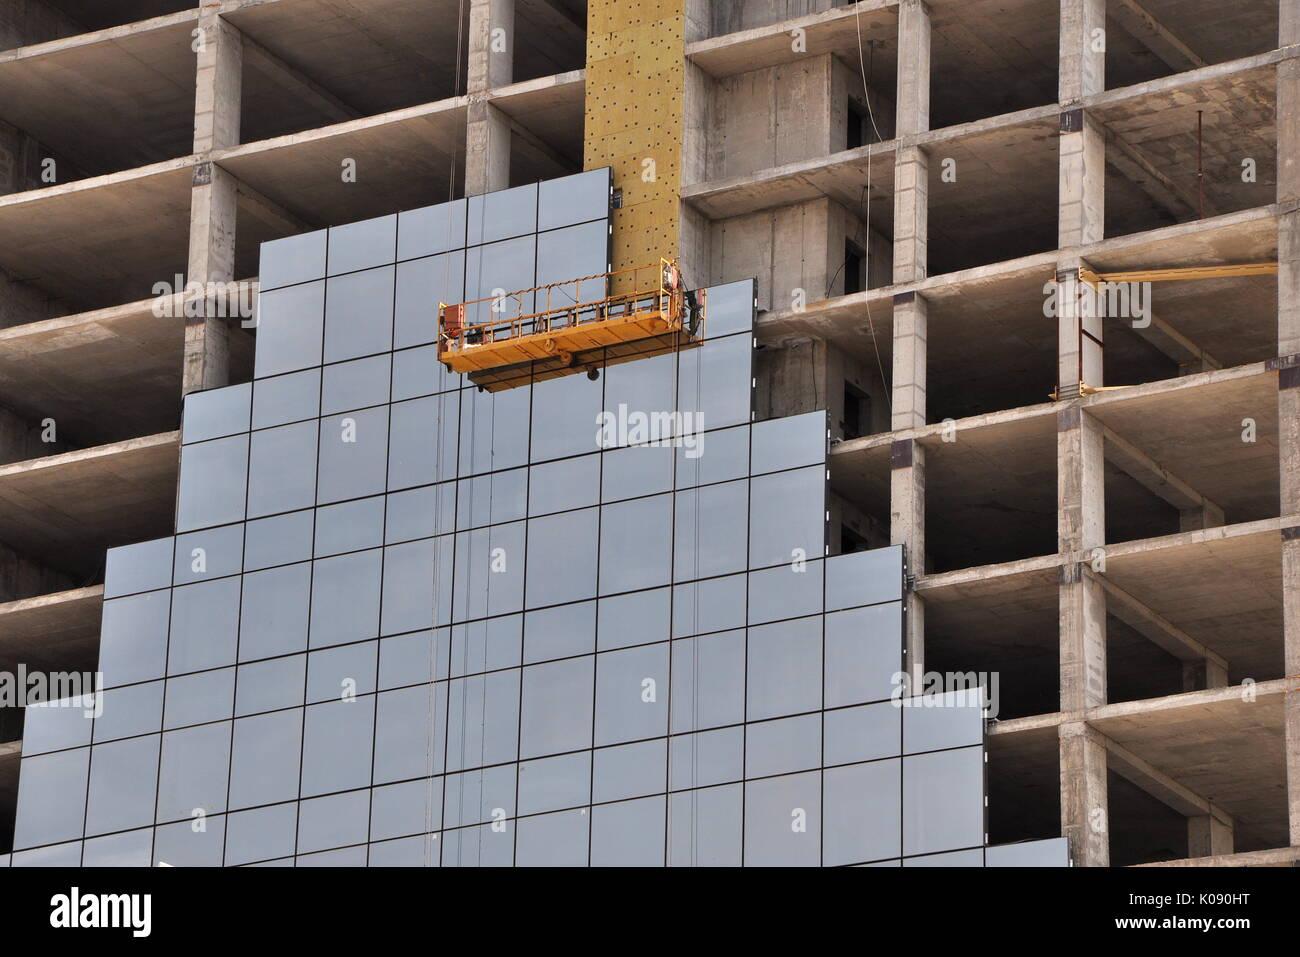 Fachada de un marco de rascacielos en construcción, con una fase de ...